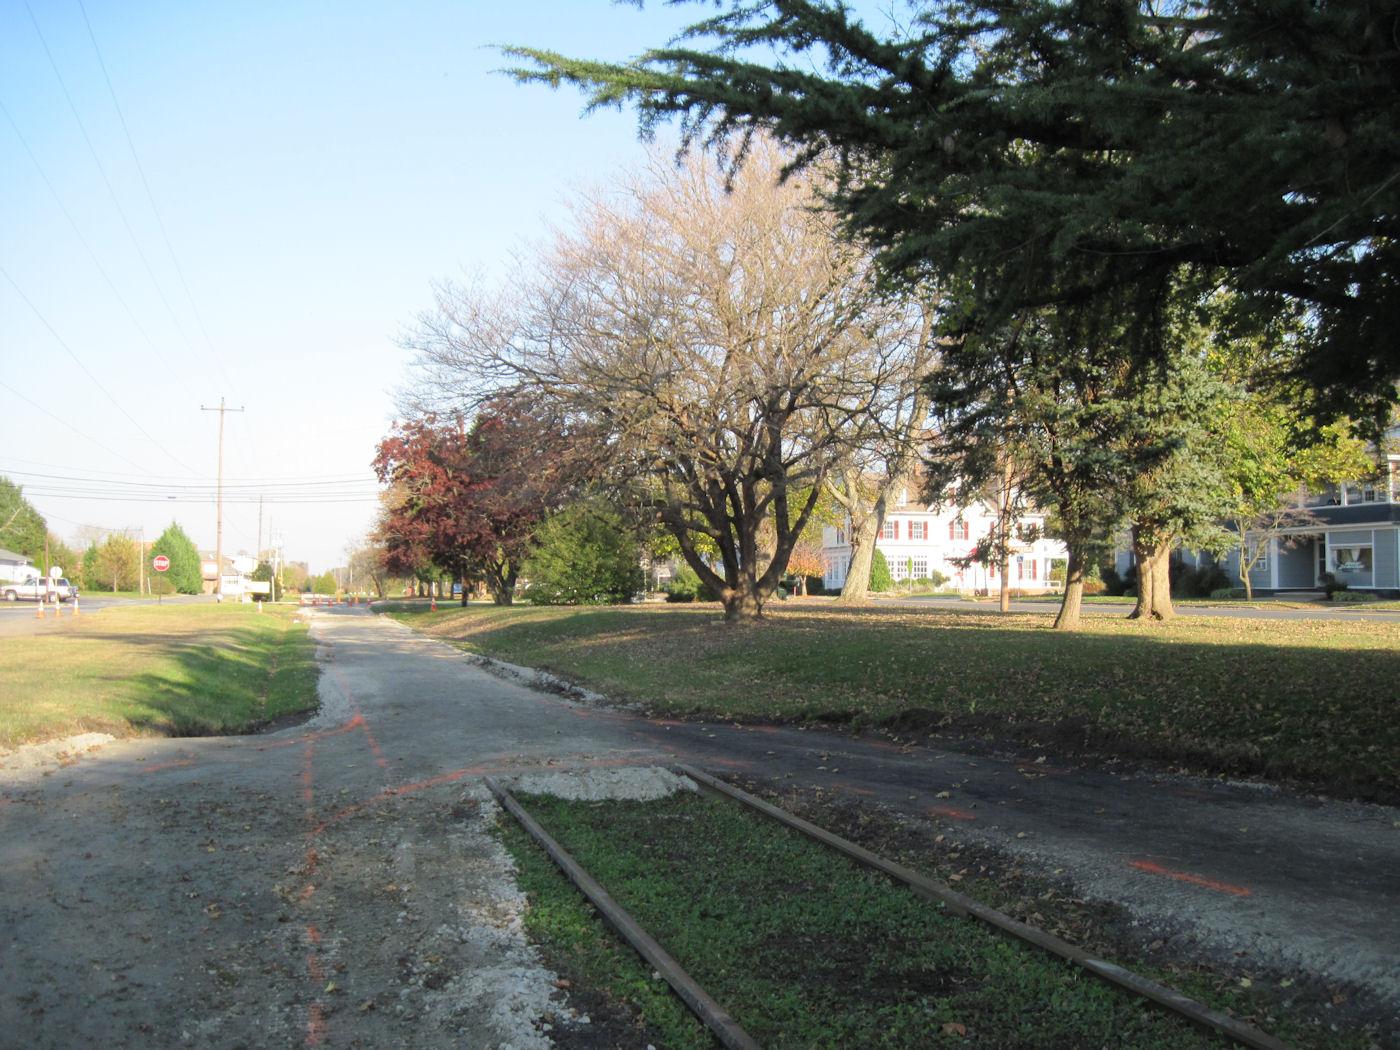 RailsToTrails 030